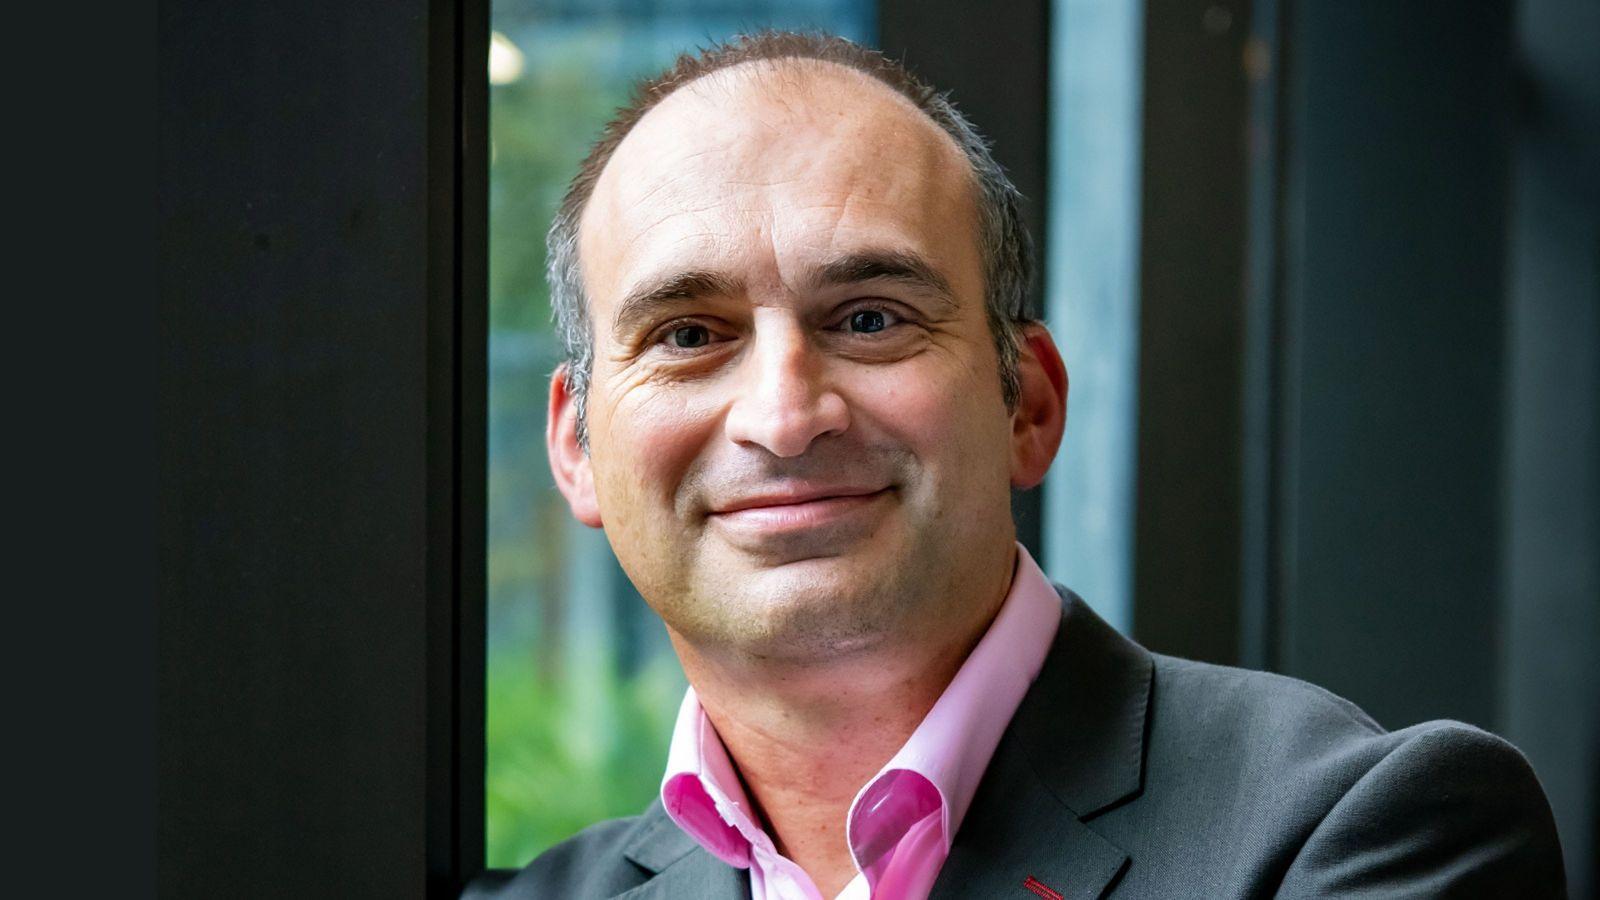 Dr Franck Natali